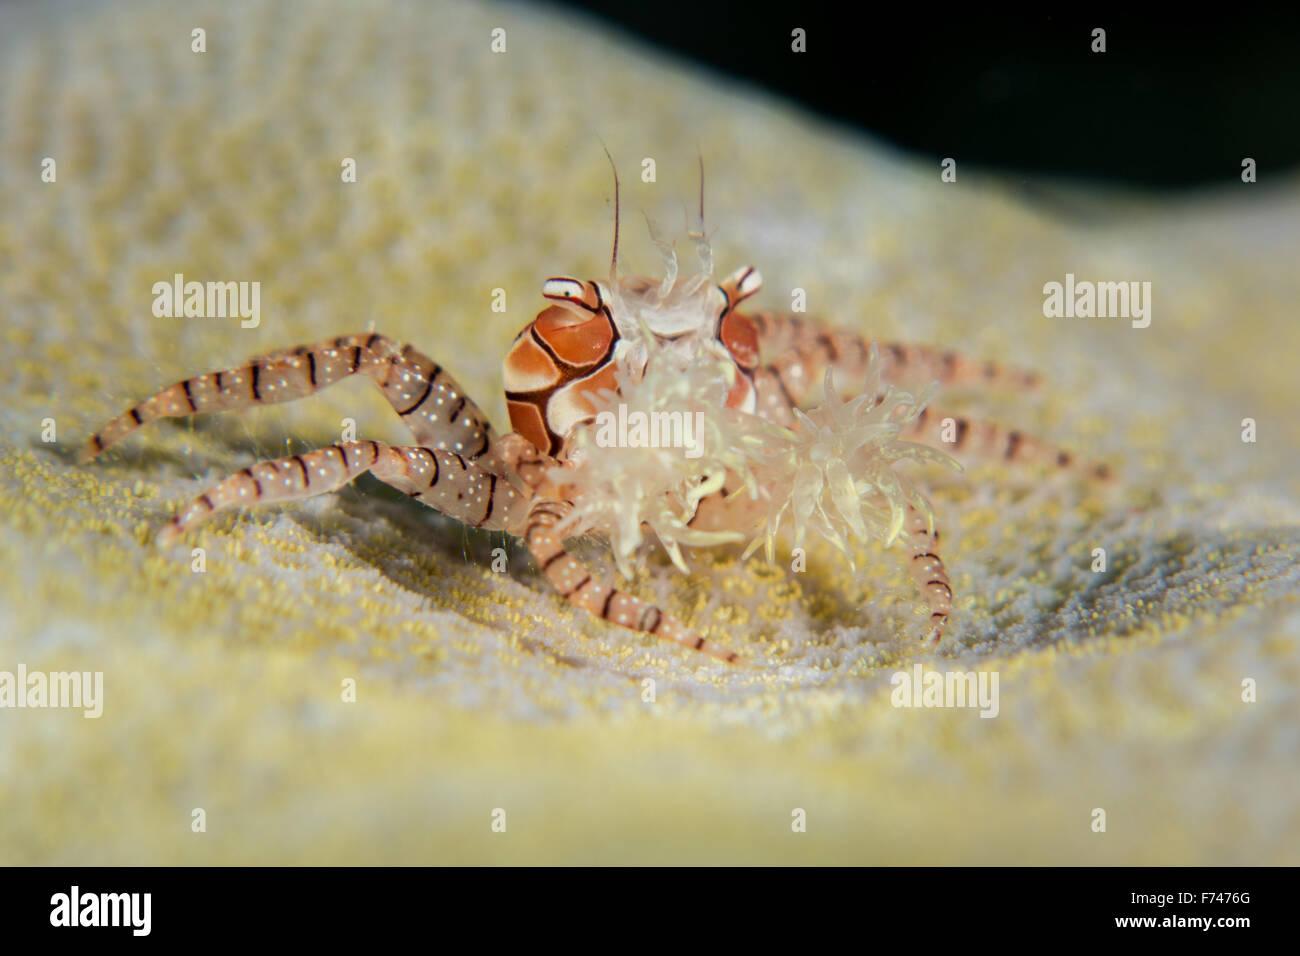 Boxer Crab or Pom Pom crab - Lybia edmondsoni. Taken in Komodo National Park, Indonesia. - Stock Image